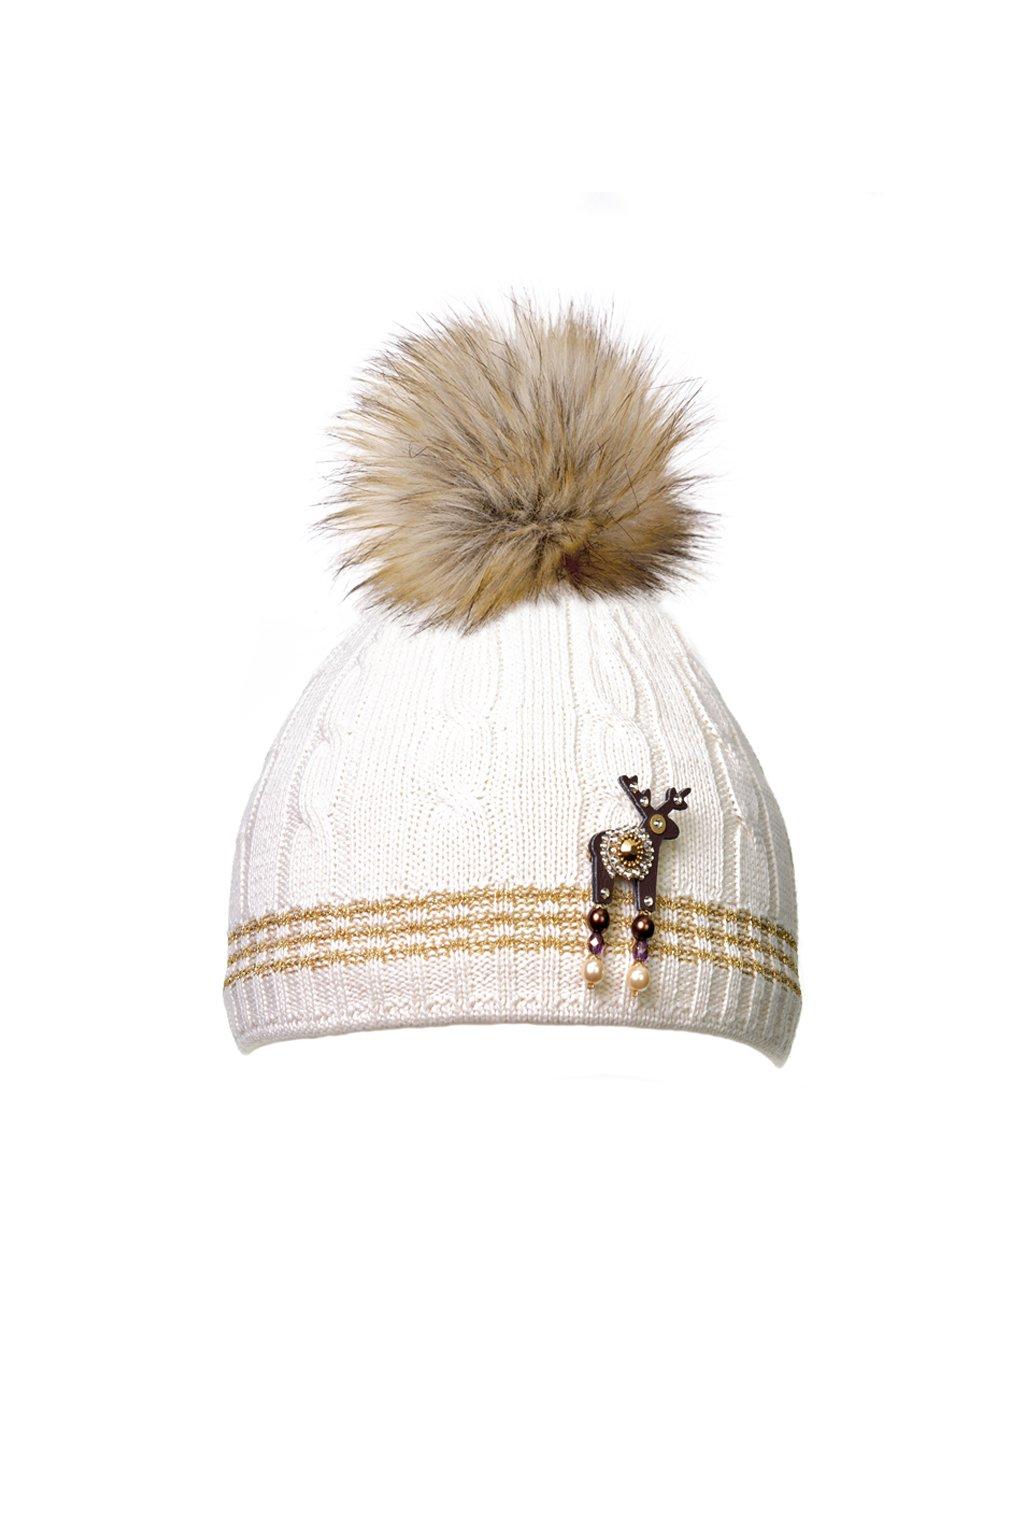 Béžová čepice KAMA s mini broží